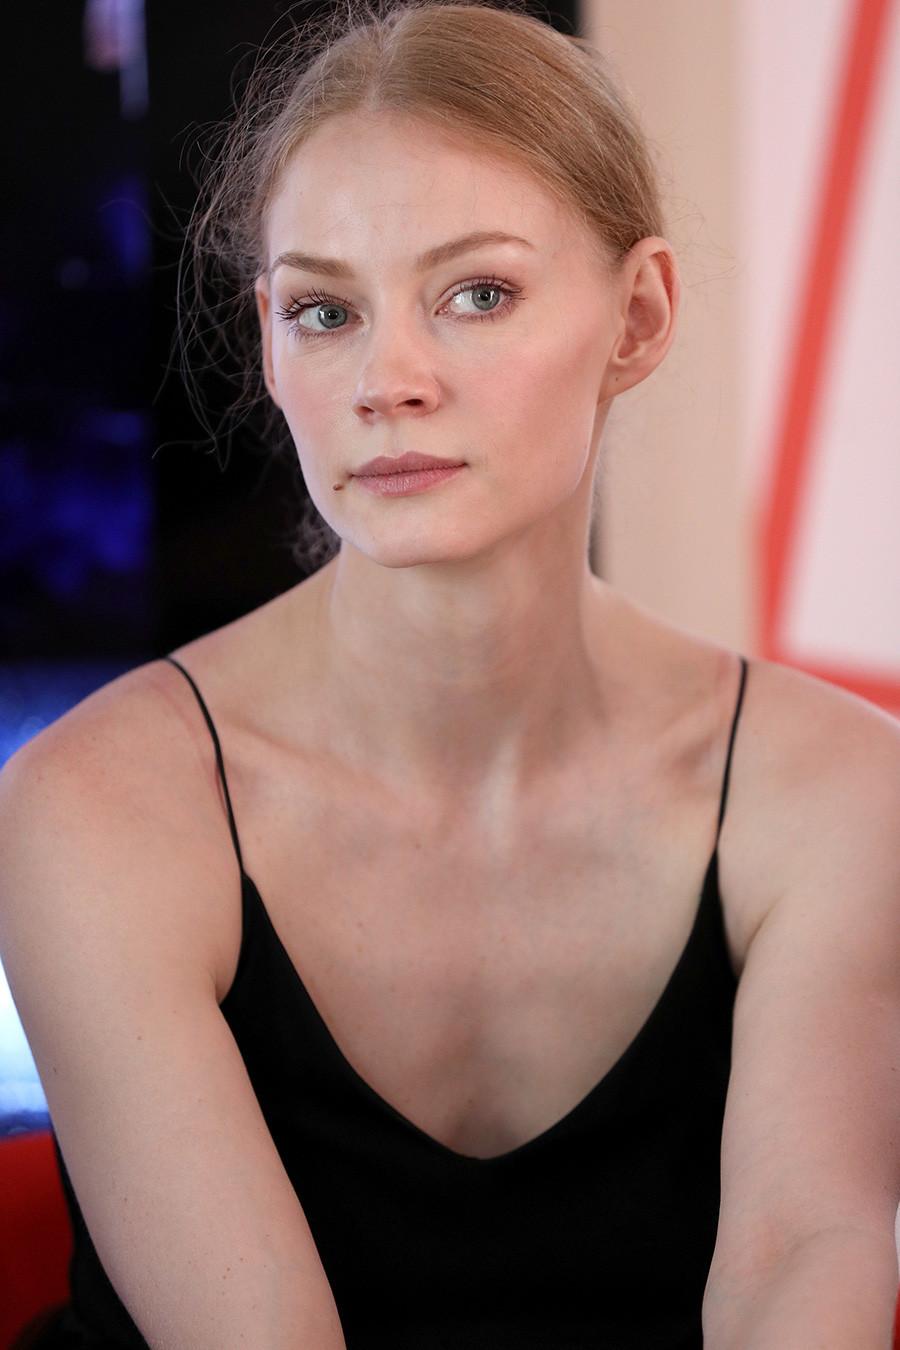 Актрисата Светлана Ходченкова присъства на откриването на руския павилион